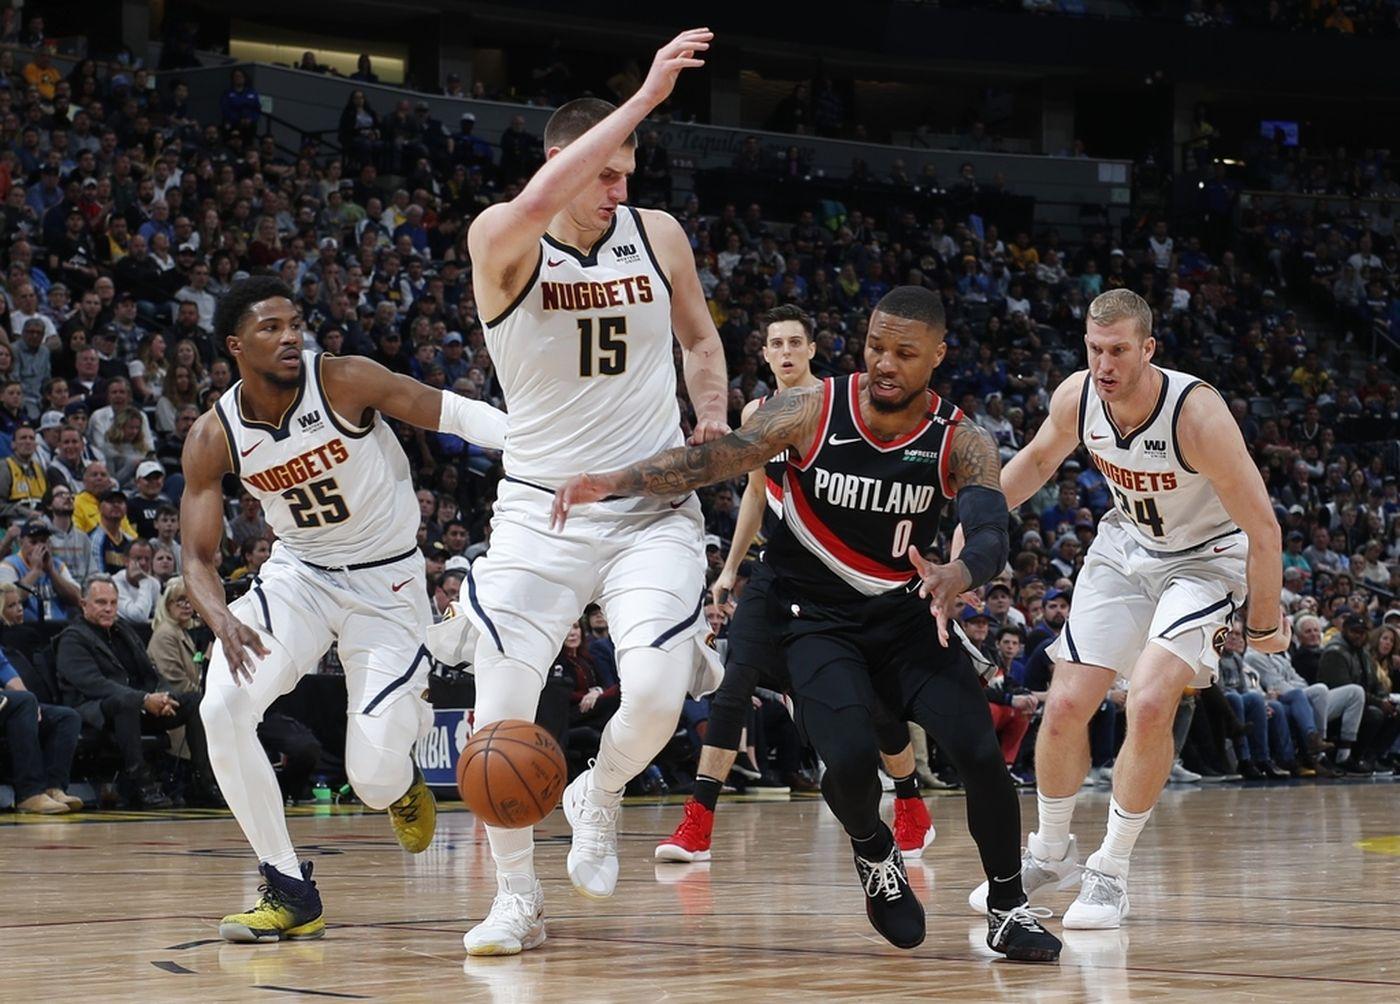 Nhận định NBA: Denver Nuggets vs Portland Trail Blazers (ngày 2/5, 8h00)